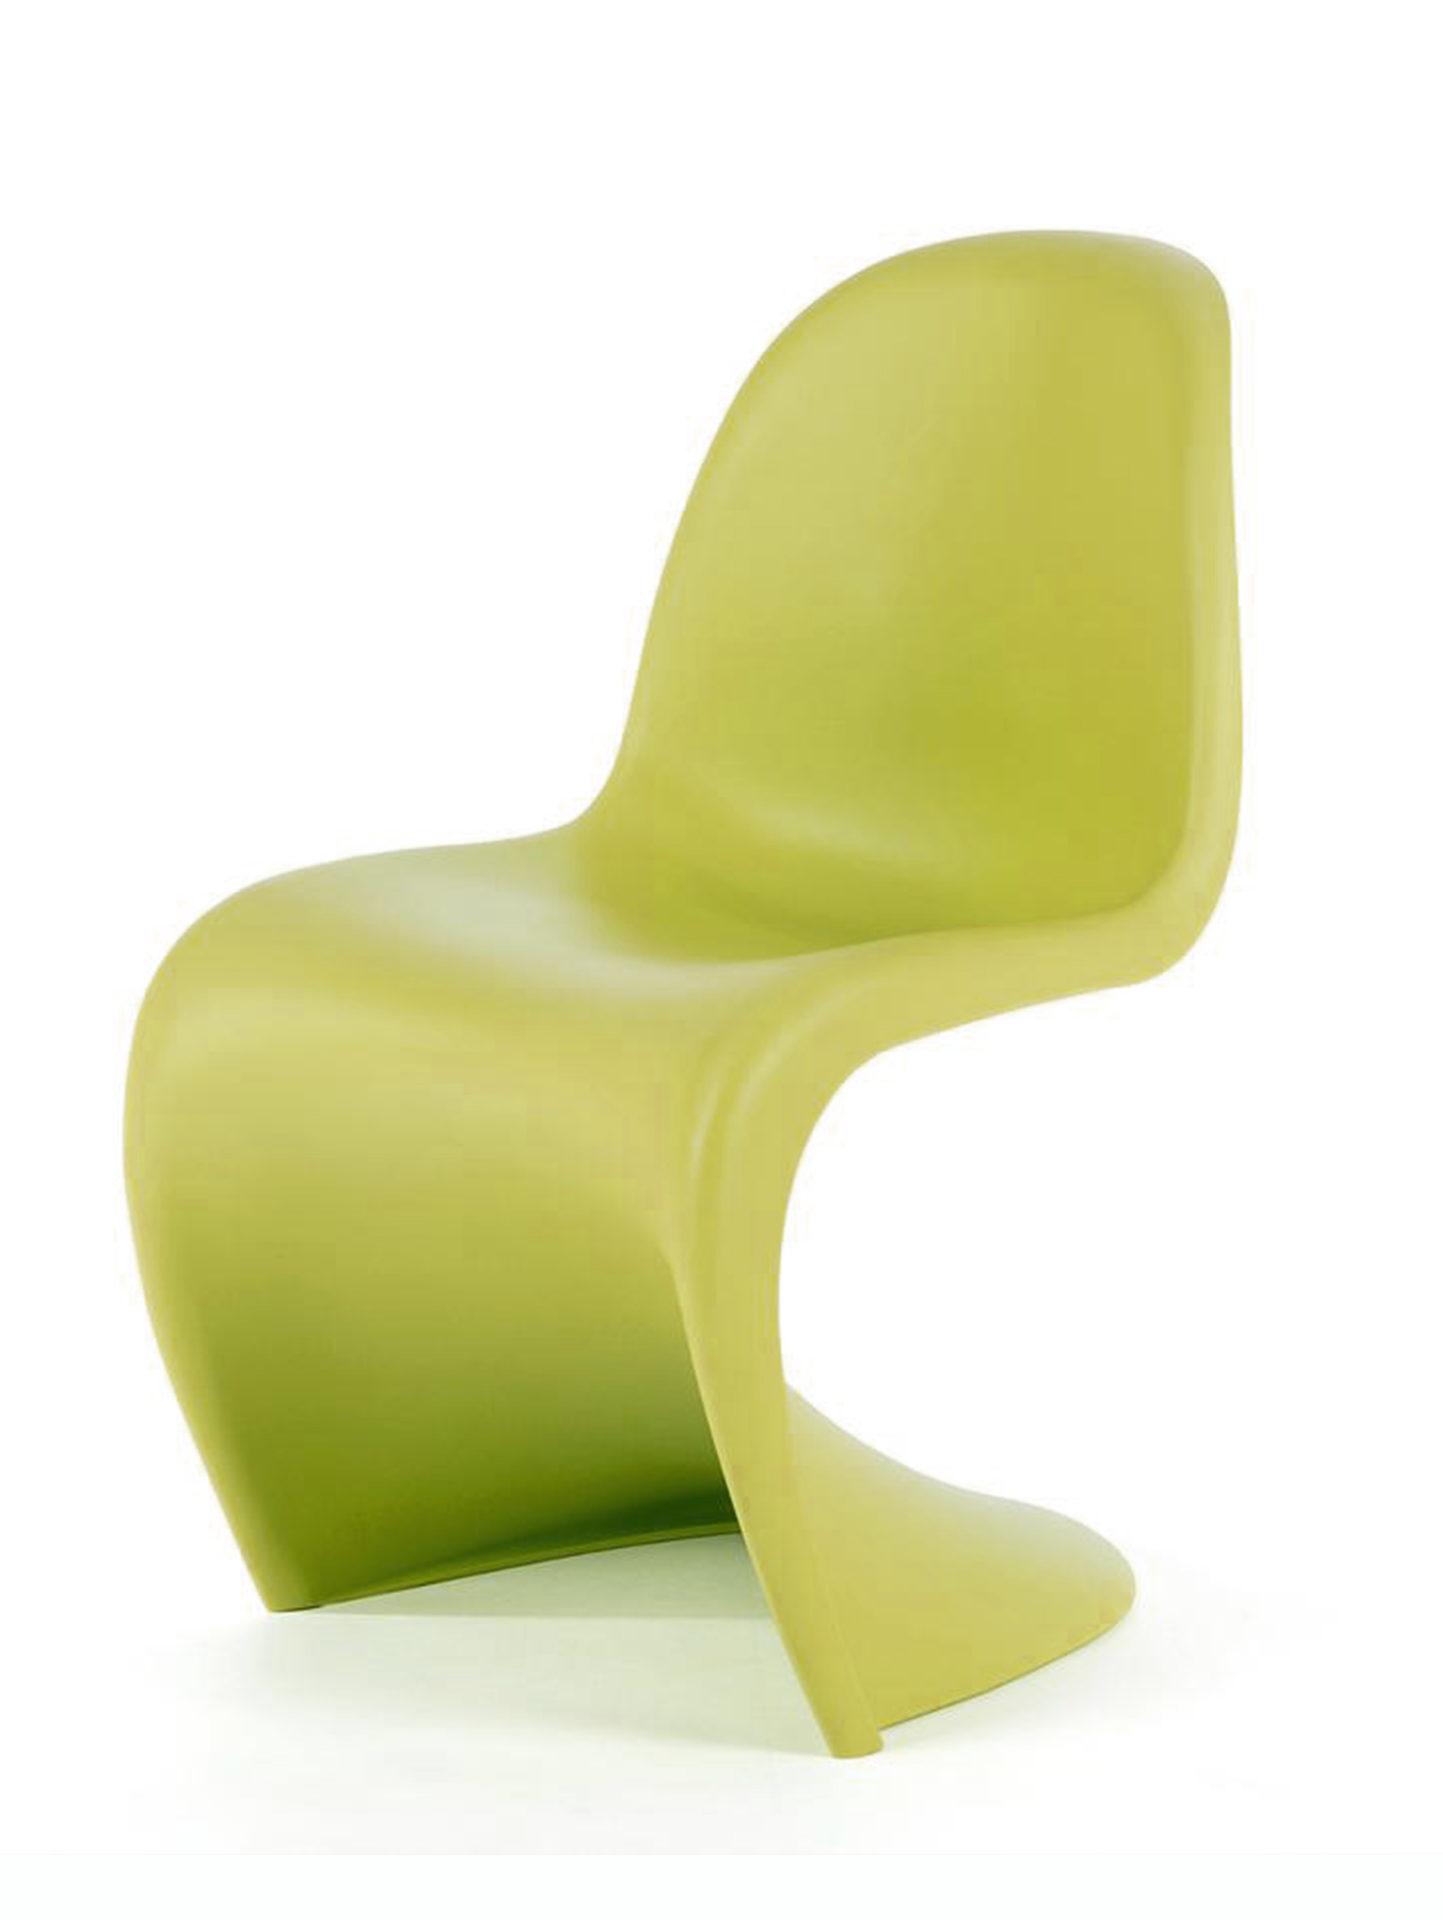 Panton Chair Vitra anis